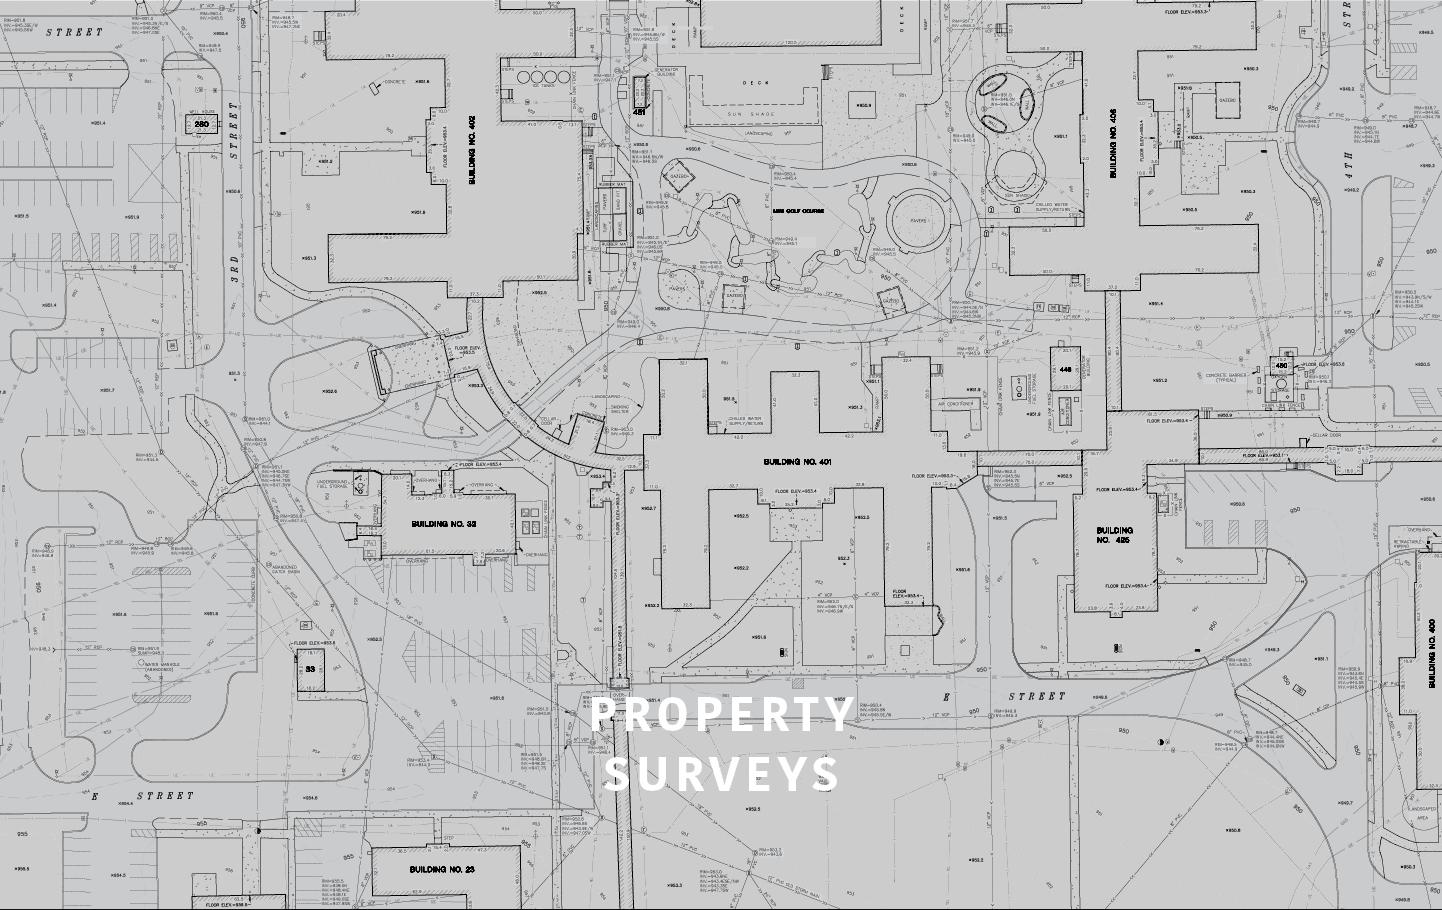 Land Surveyor Gps Equipment | Wiring Diagram Database